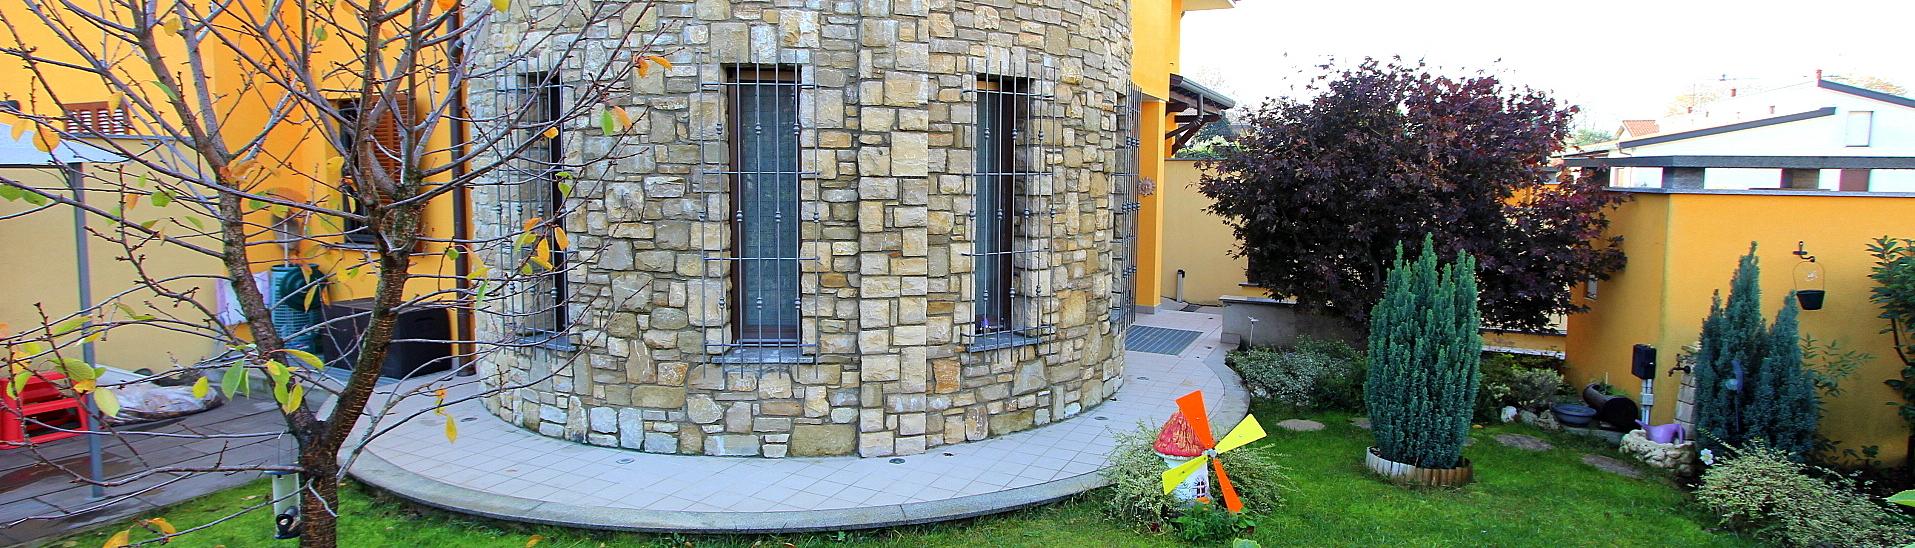 Villa come nuova con giardino riservato